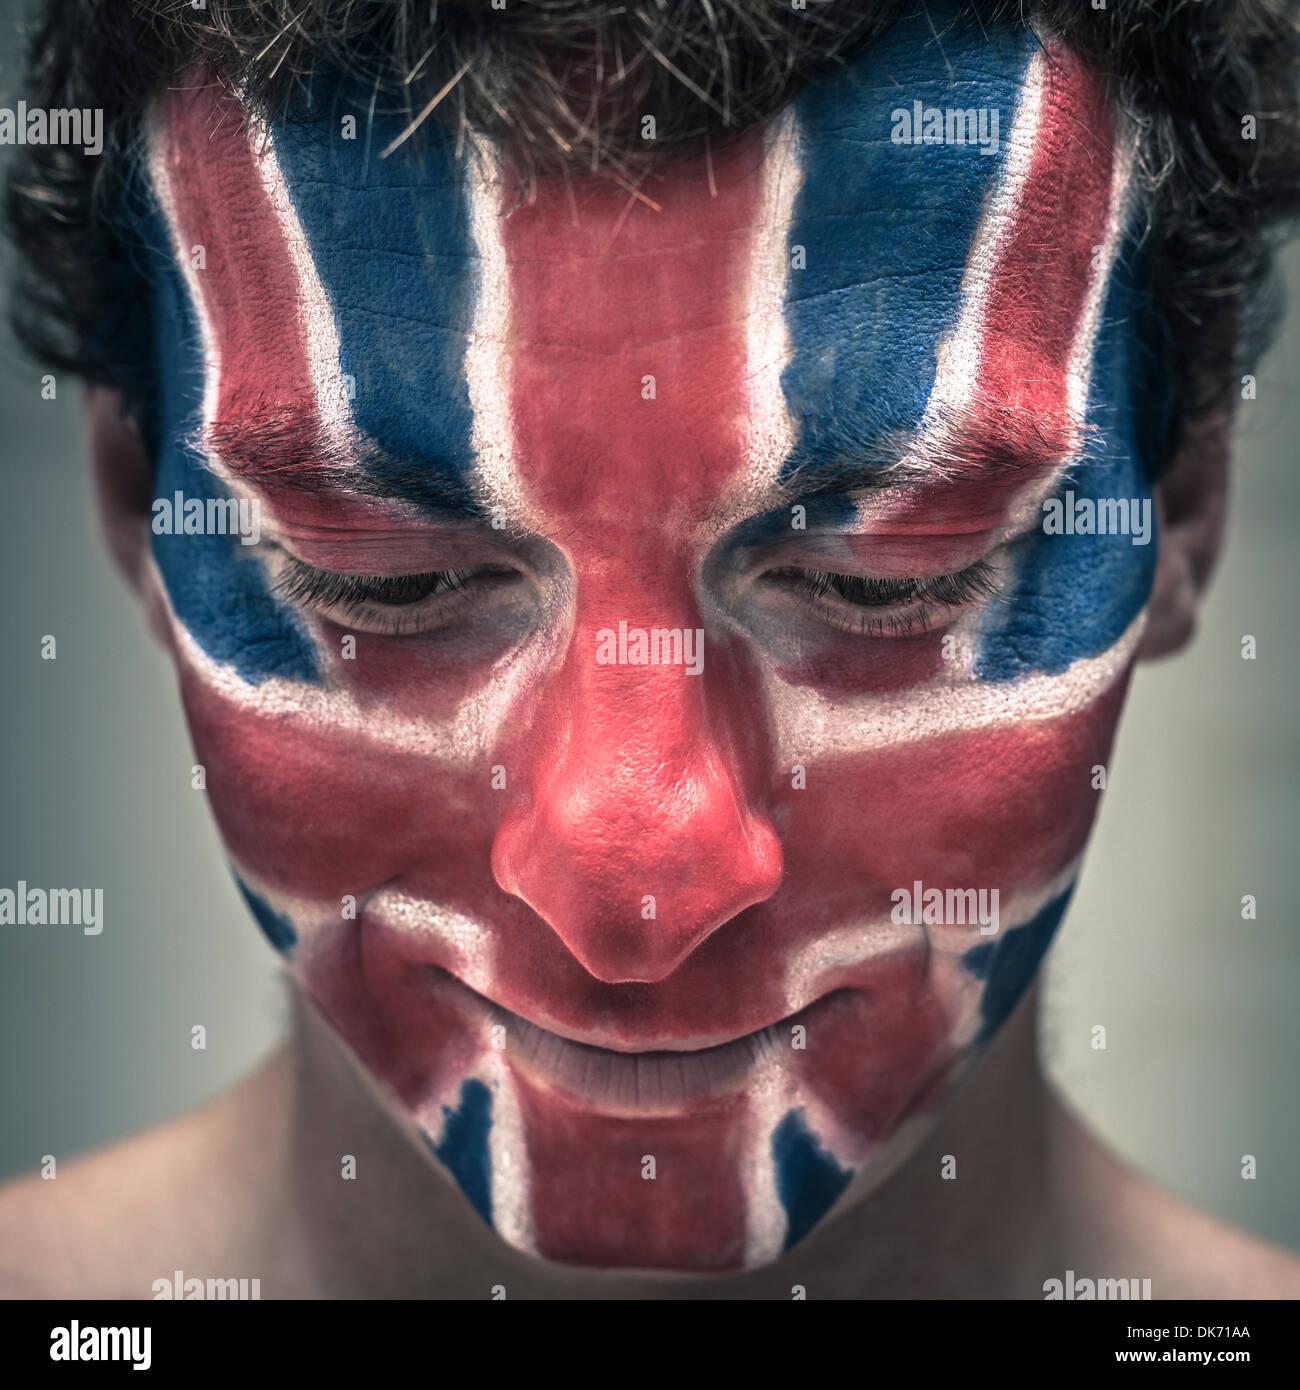 Nahaufnahme von lächelnder Mann mit britischer Flagge gemalt auf Gesicht blickte. Stockbild